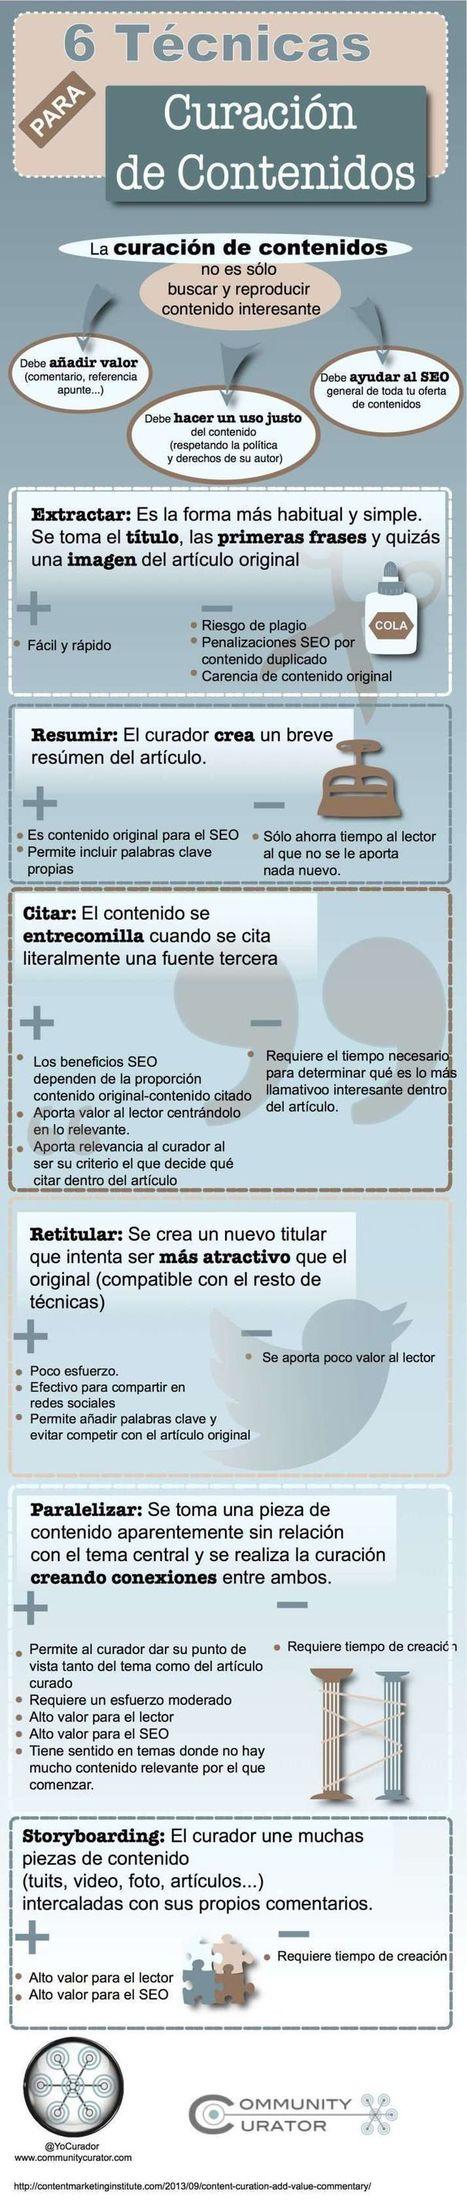 Curación de contenidos #infografia│@YoCurador | Aprendiendo a Distancia | Scoop.it